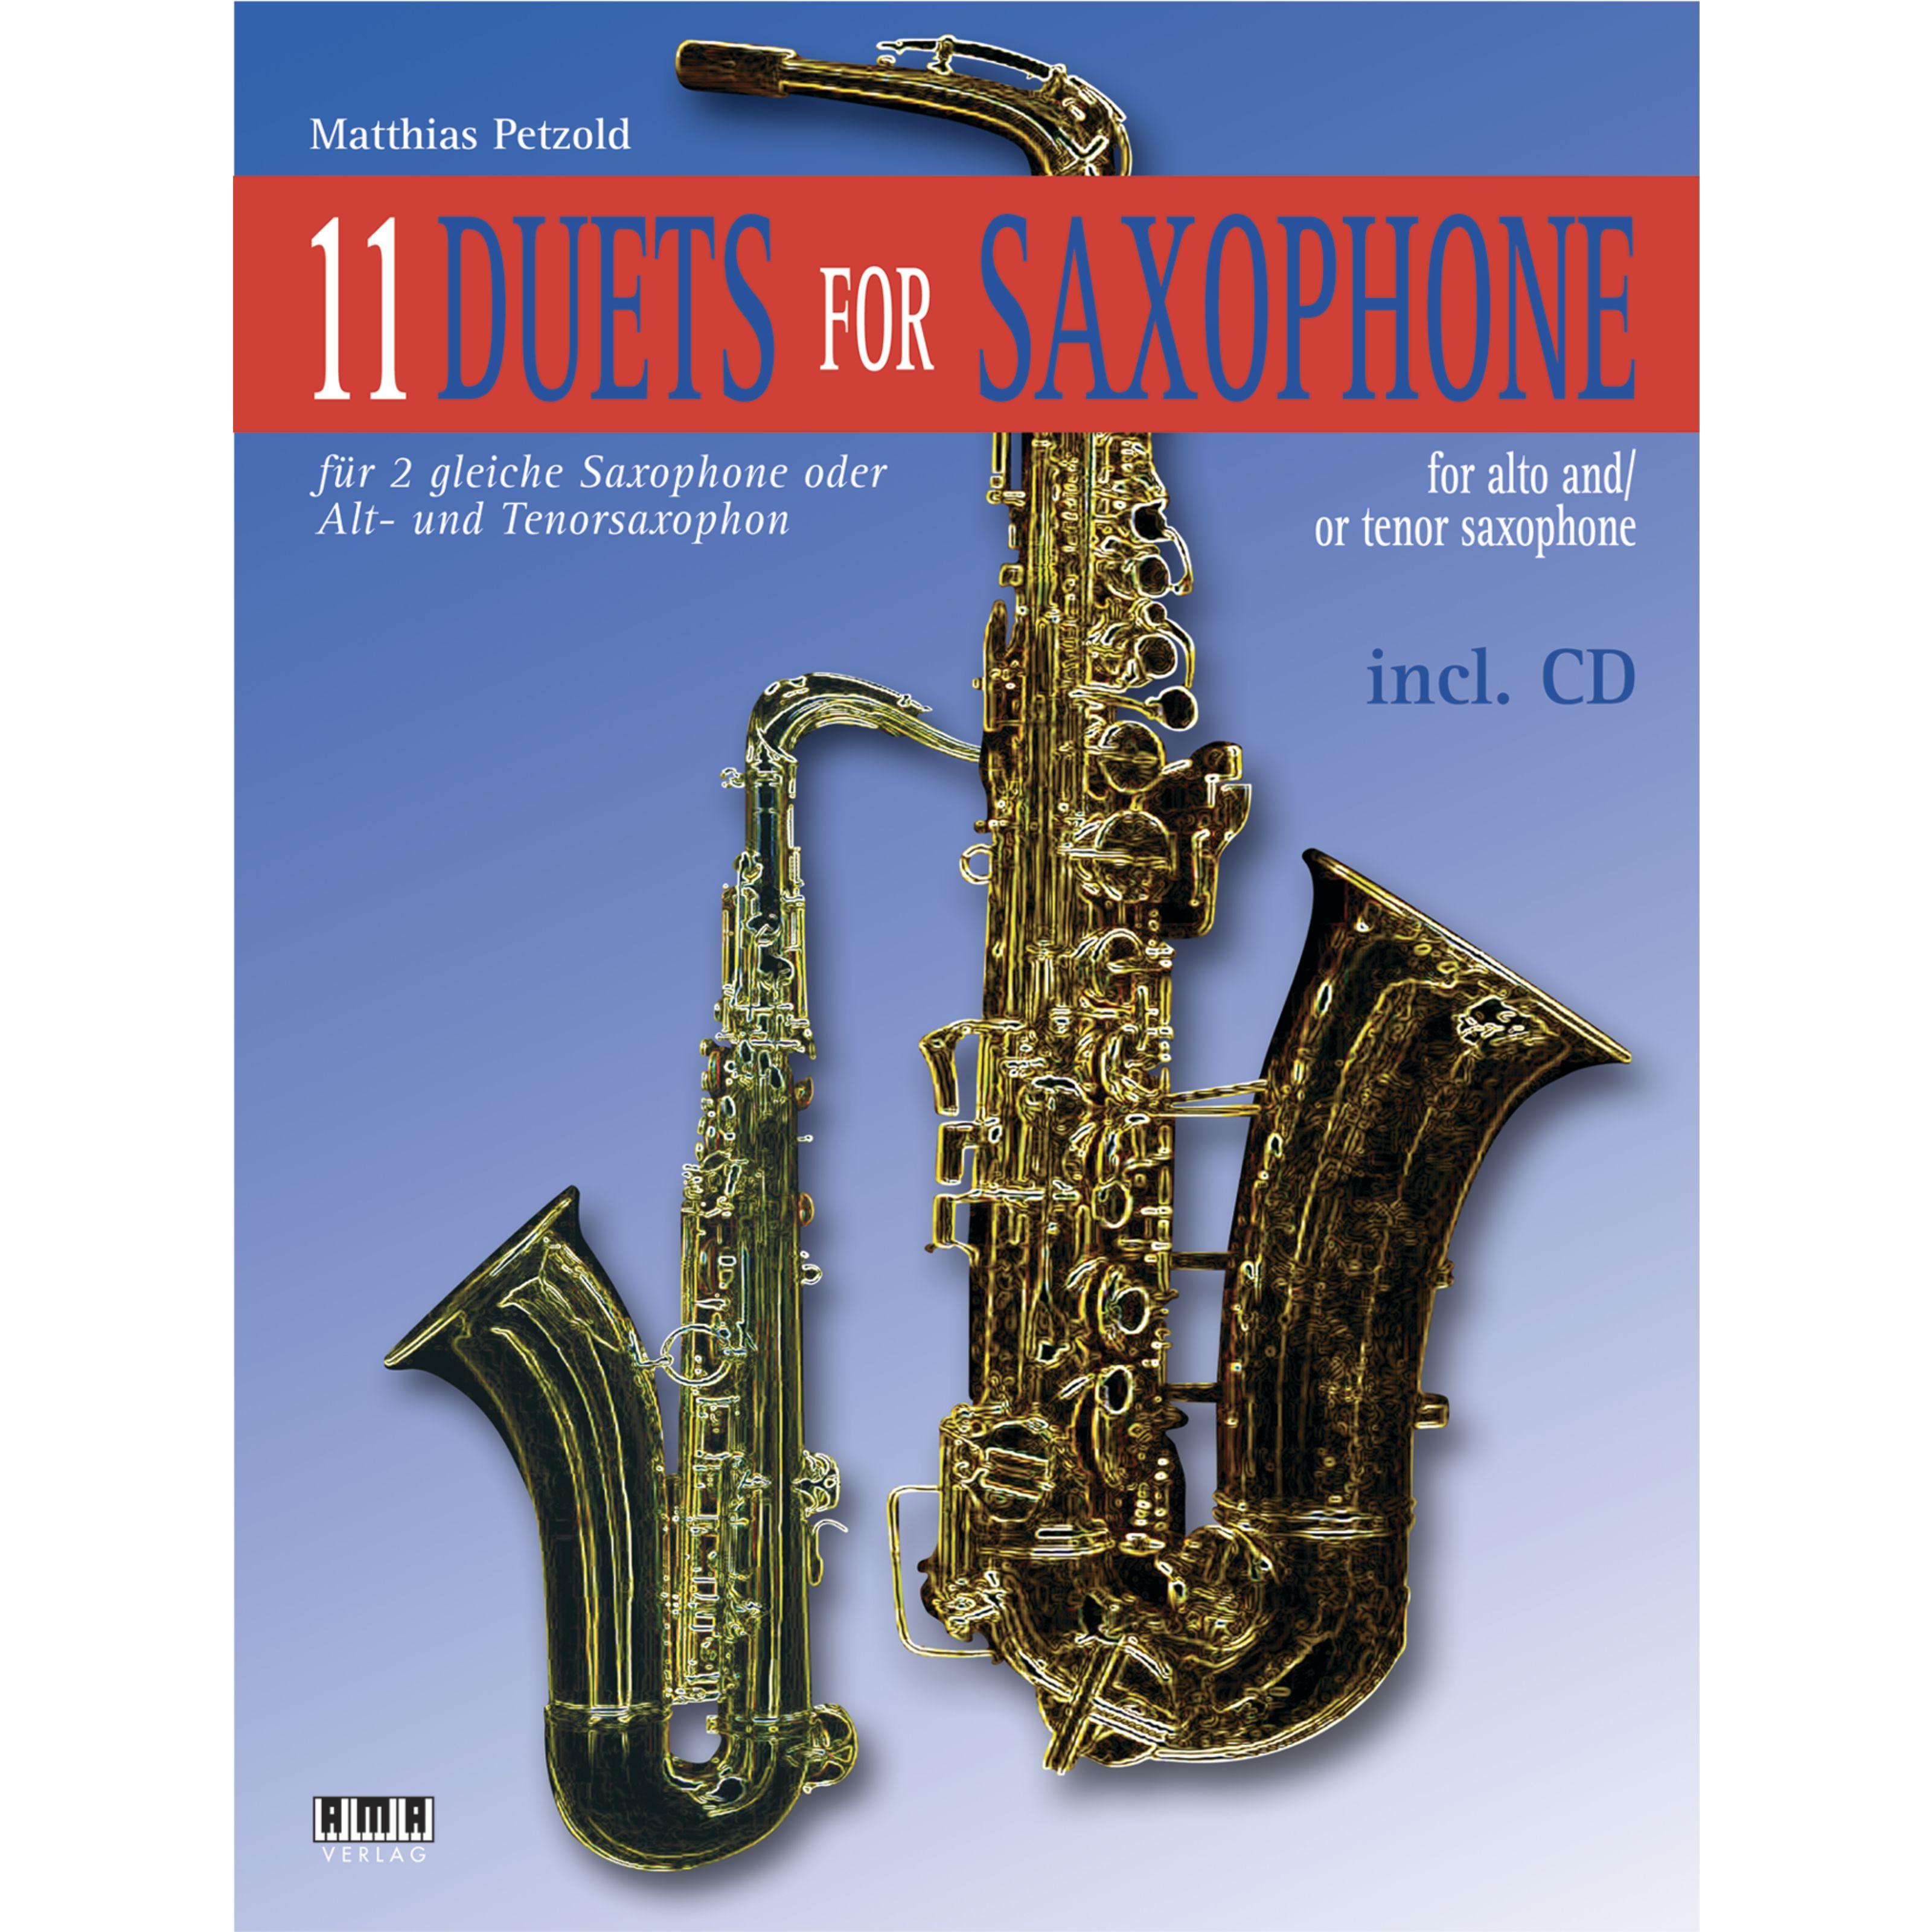 AMA Verlag - 11 Duets For Saxophone Matthias Petzold 610379